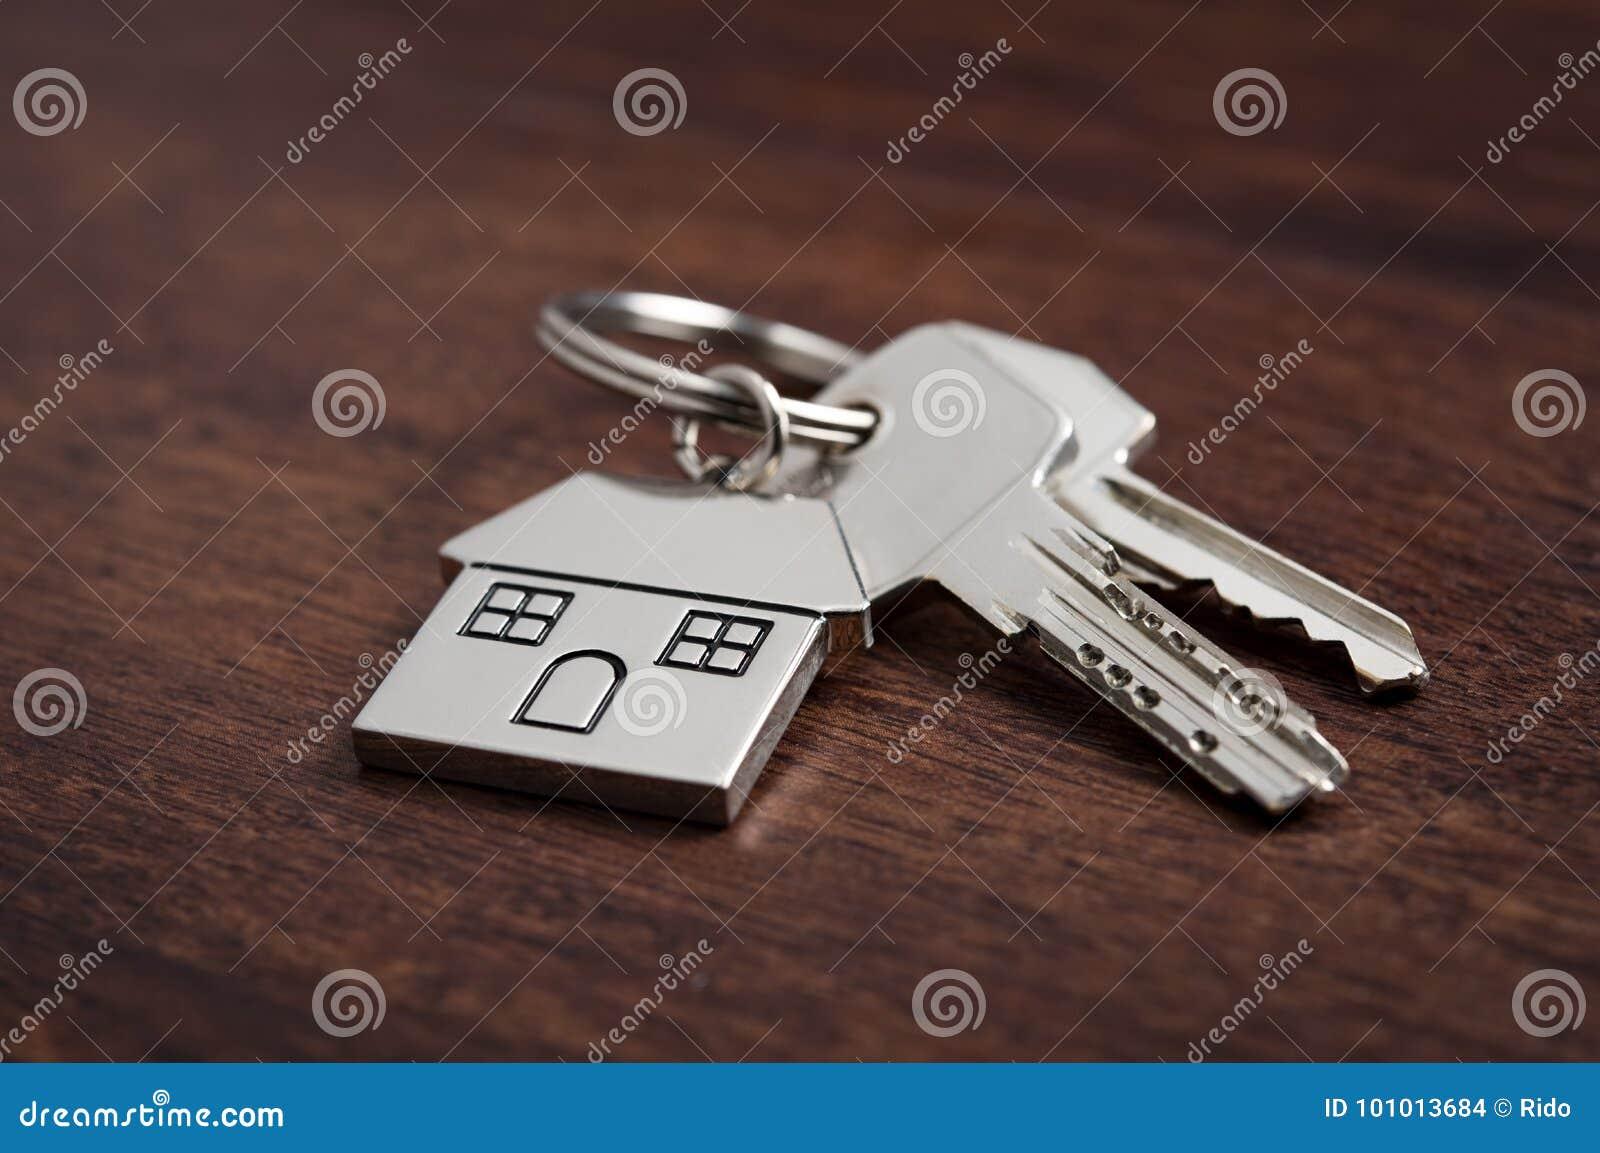 Faktorskiej tła nieruchomości ostrości gviving dom odizolowywał kluczy nowego właściciela istnego pośrednik handlu nieruchomościa